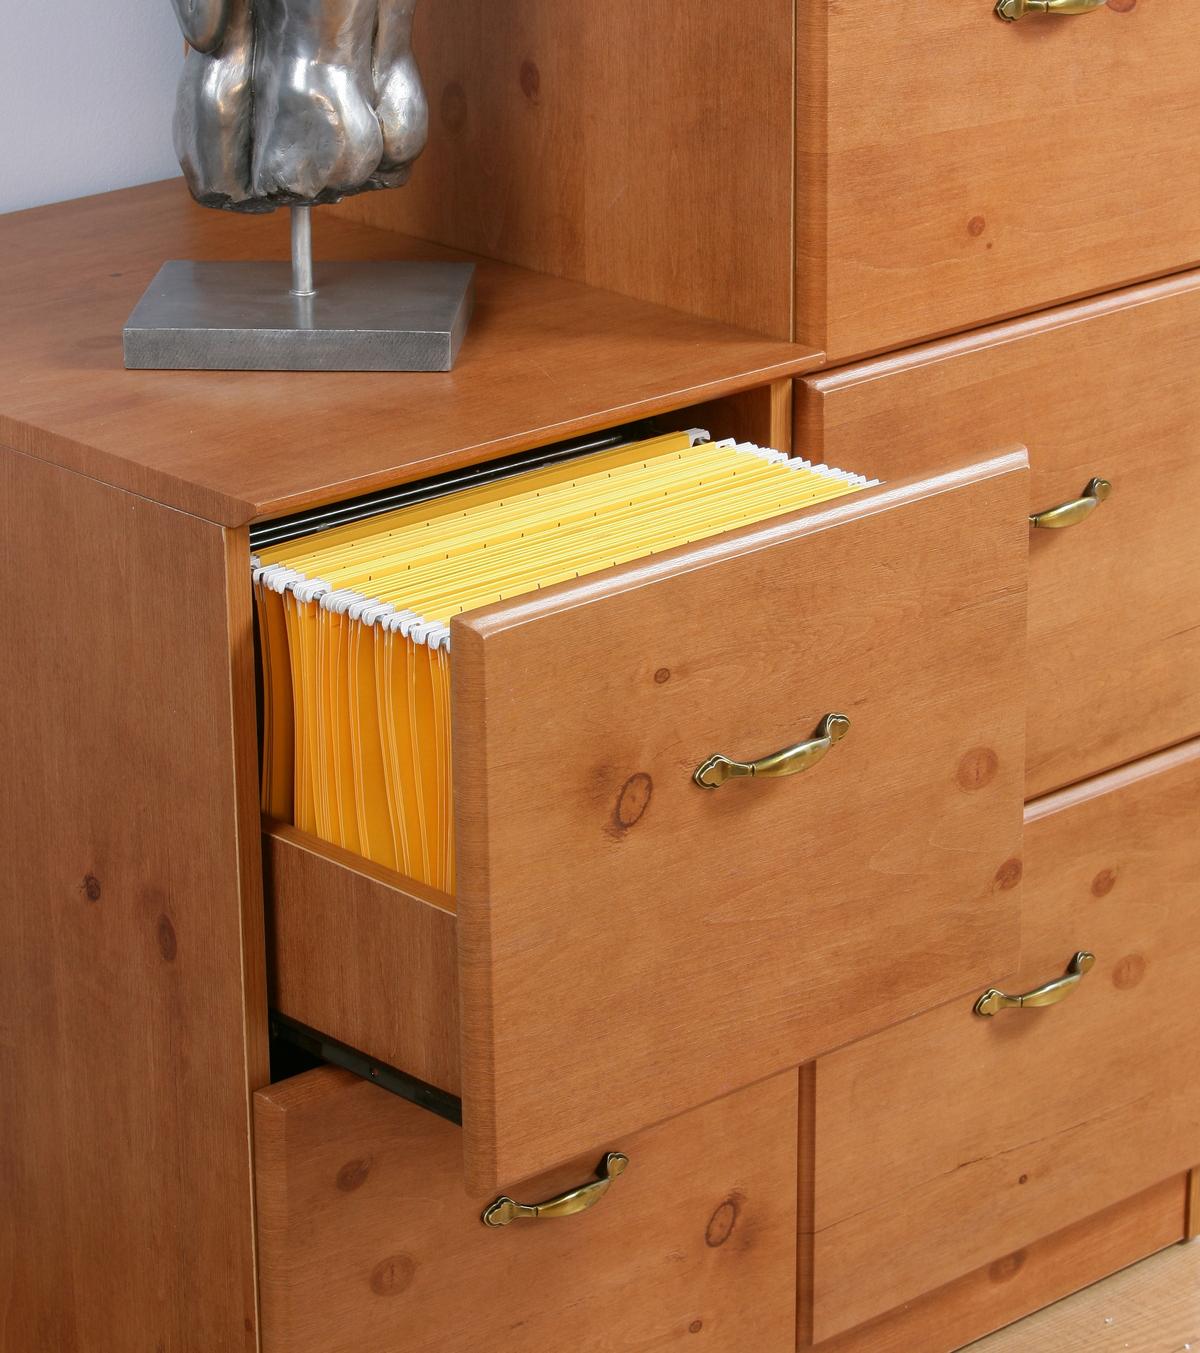 French Gardens 4 Drawer Filing Cabinet - Teknik Office - French Gardens 4 Drawer Filing Cabinet